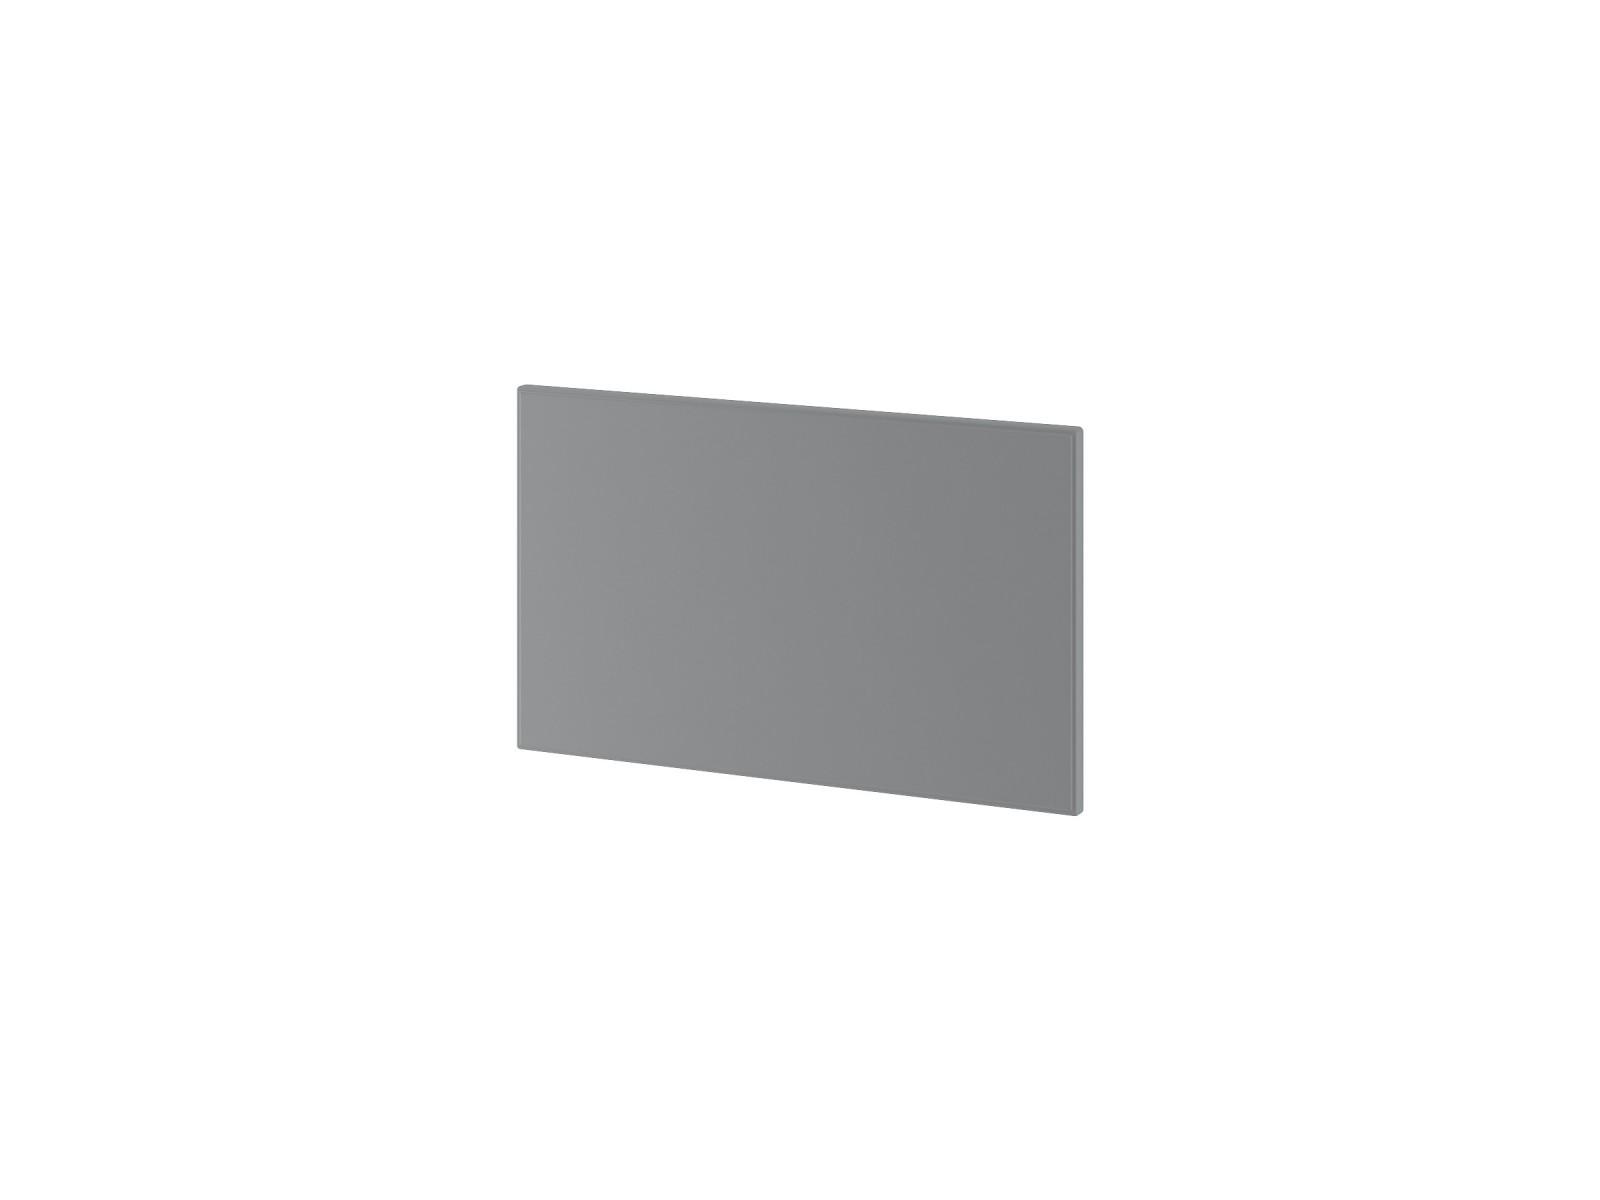 LORA PANEL 36/56 Seitenblende für Aufsatzschränke mit Höhe 36 cm und Tiefe 58 cm